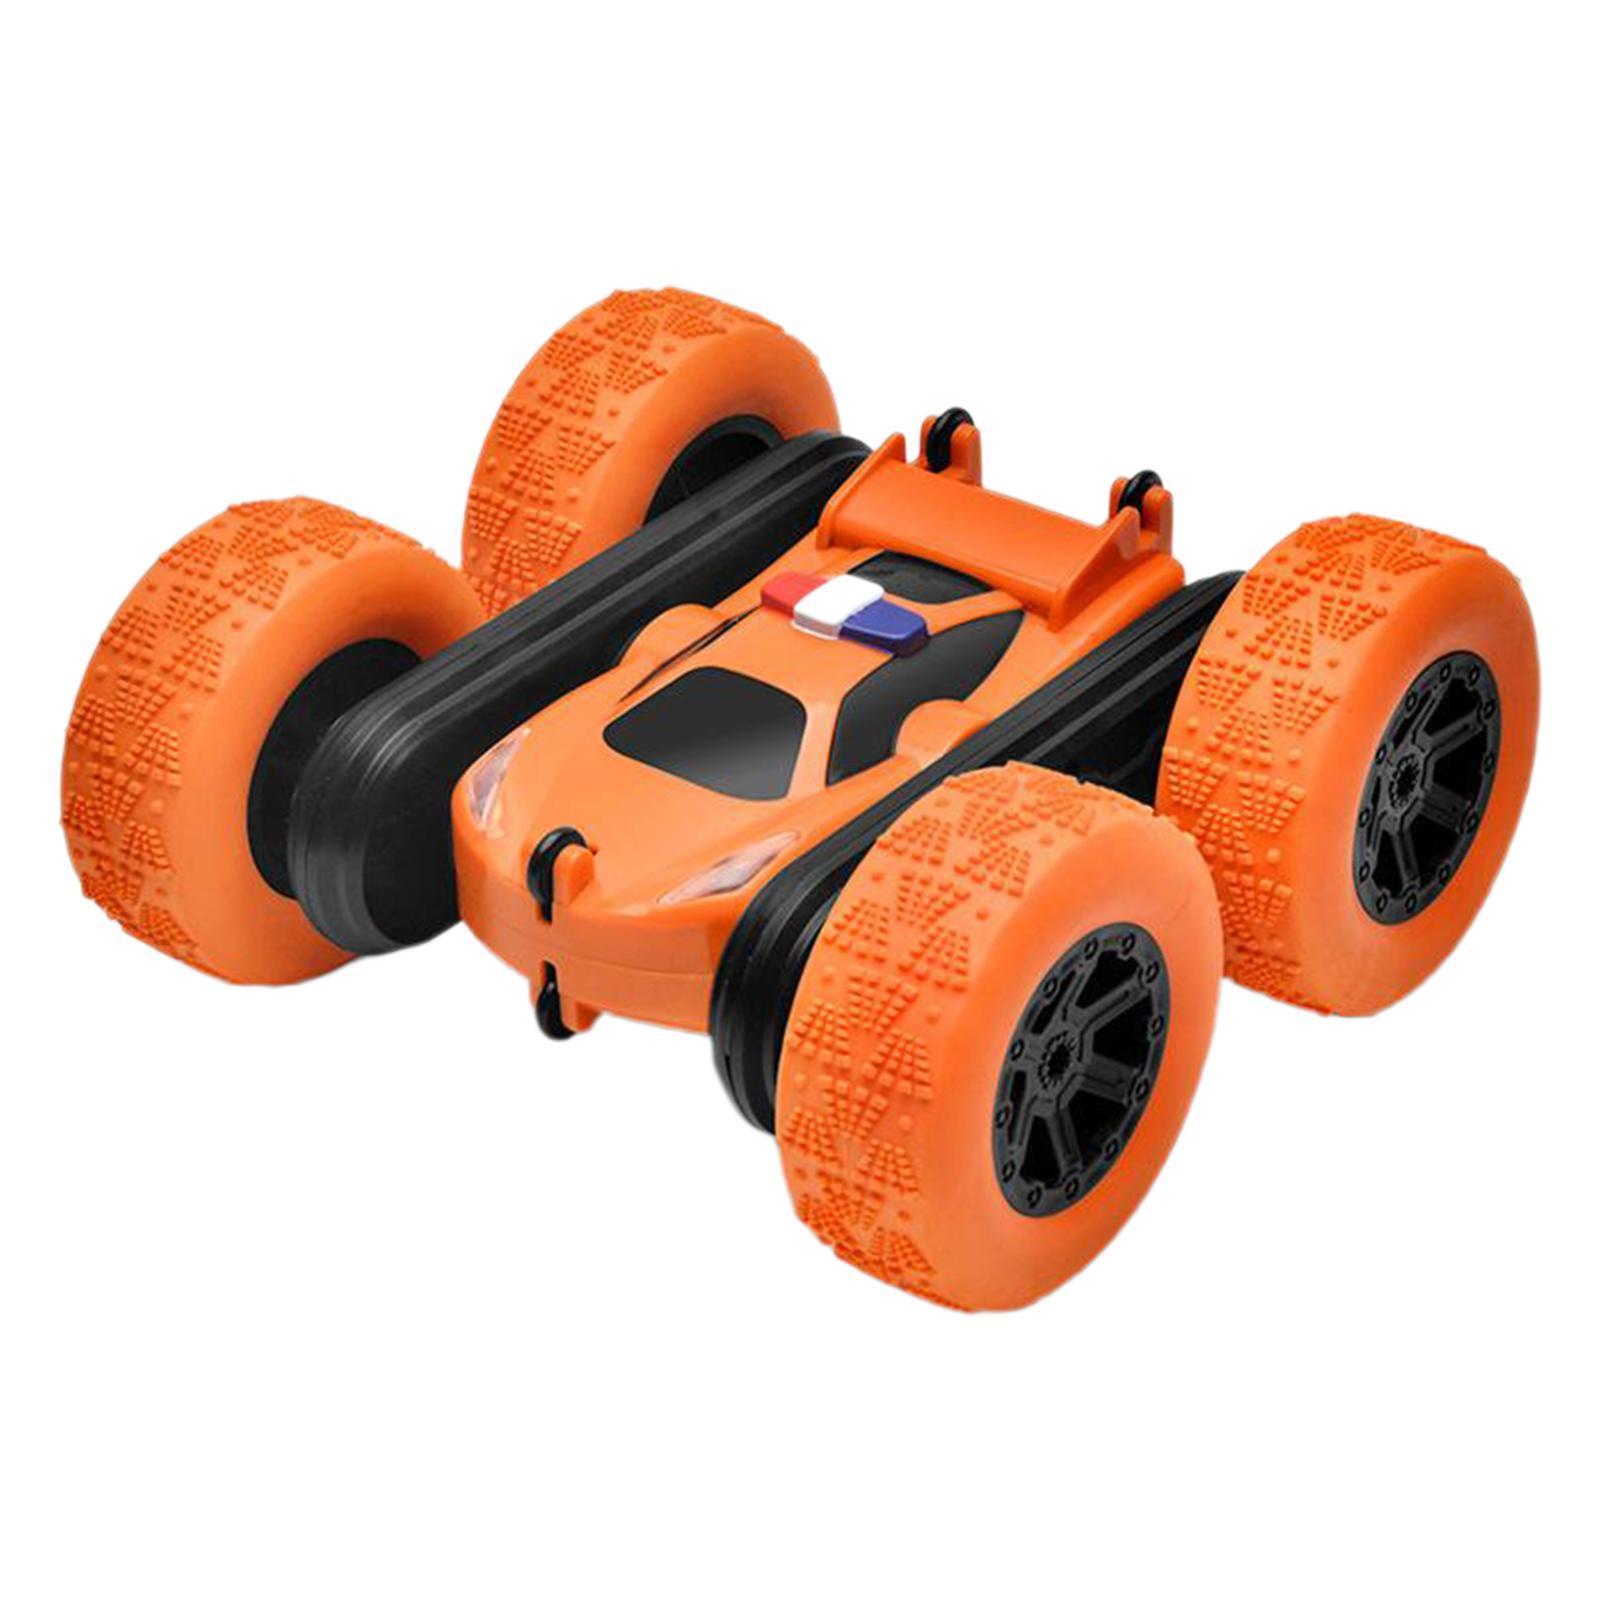 miniatura 38 - Telecomando Auto Stunt Car Giocattolo Per Bambini 2.4GHz di Controllo Remoto